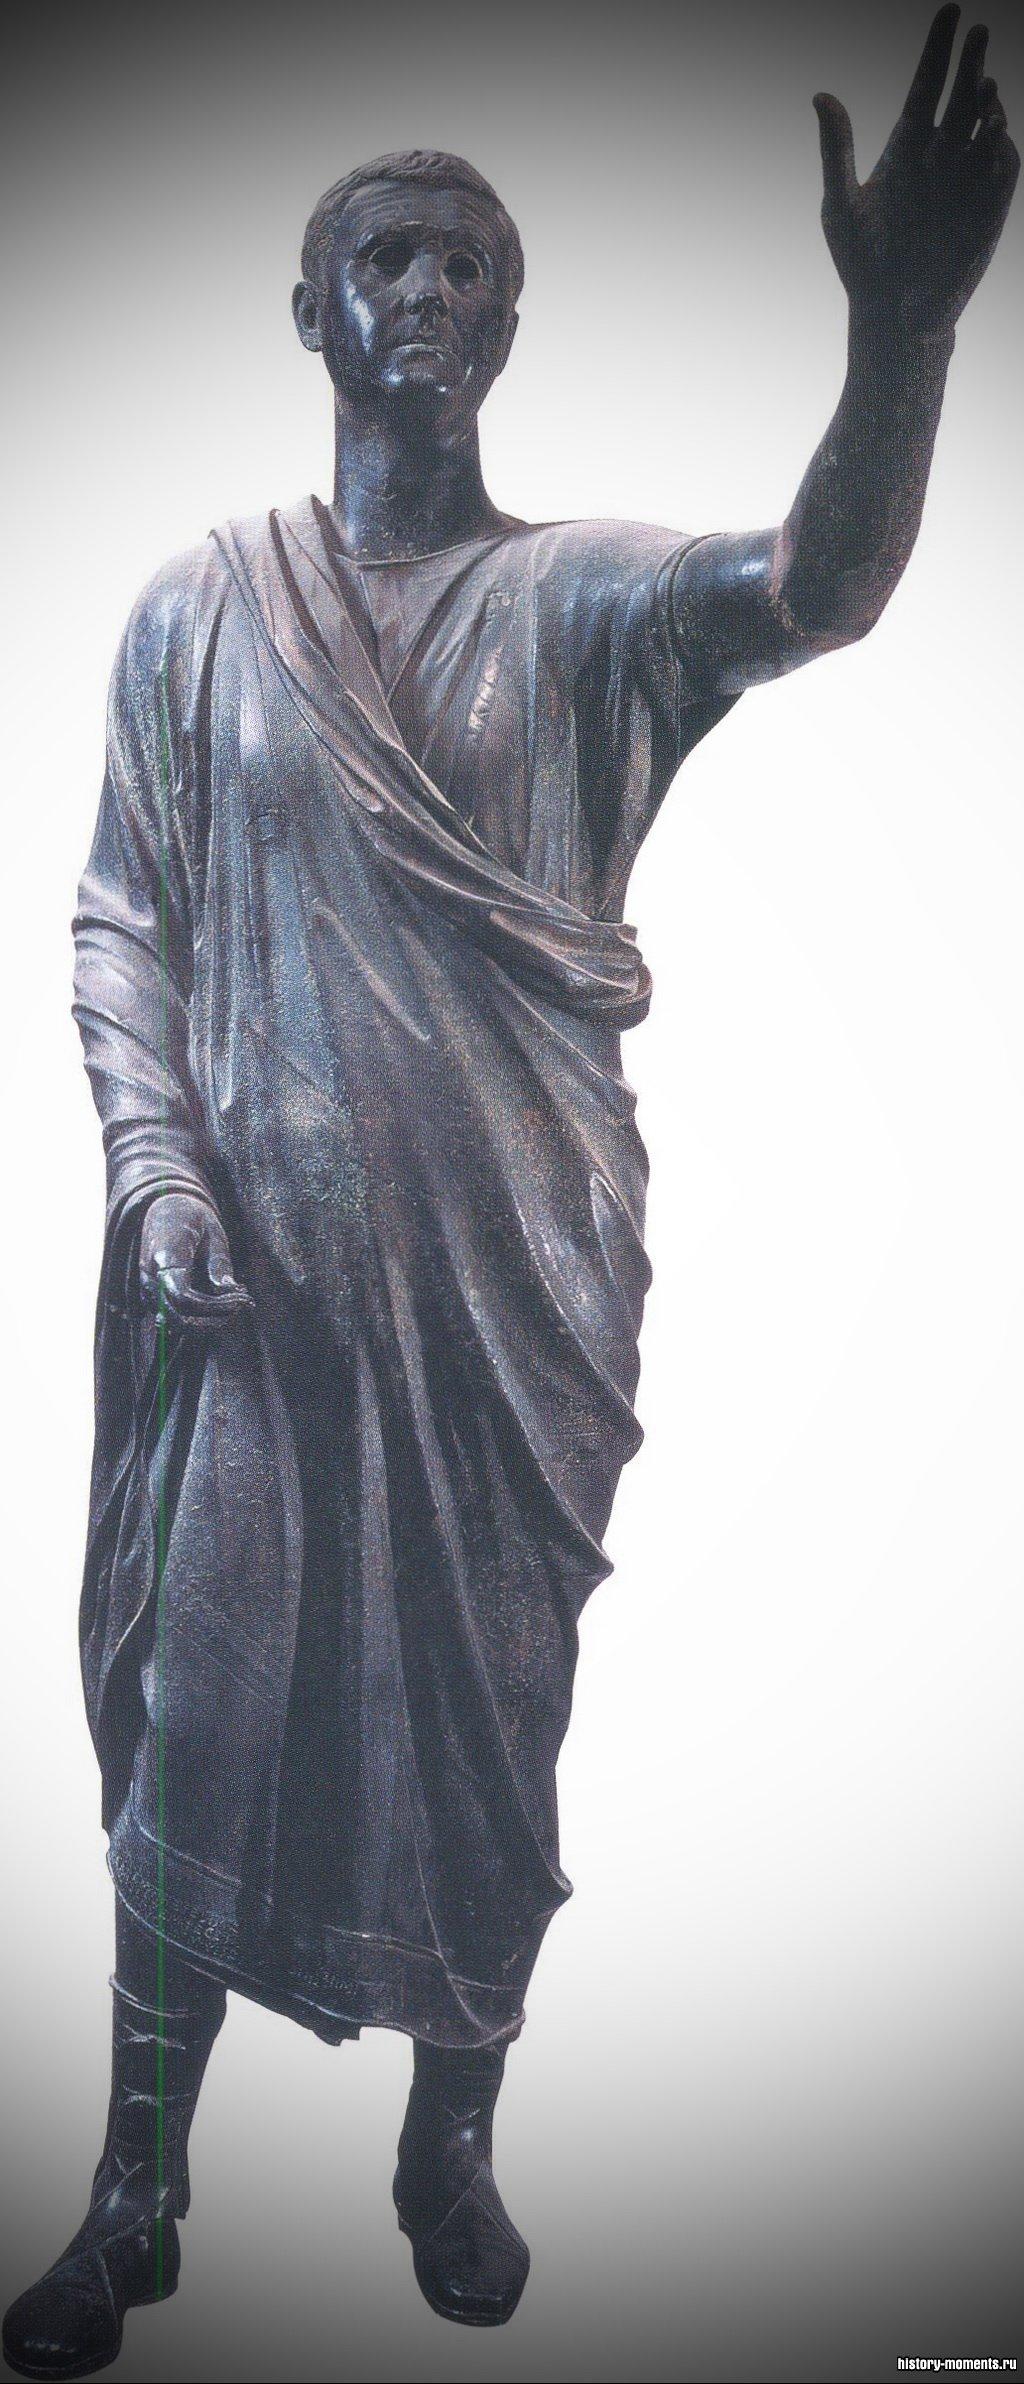 Юристы были талантливыми ораторами. Это статуя римского оратора.